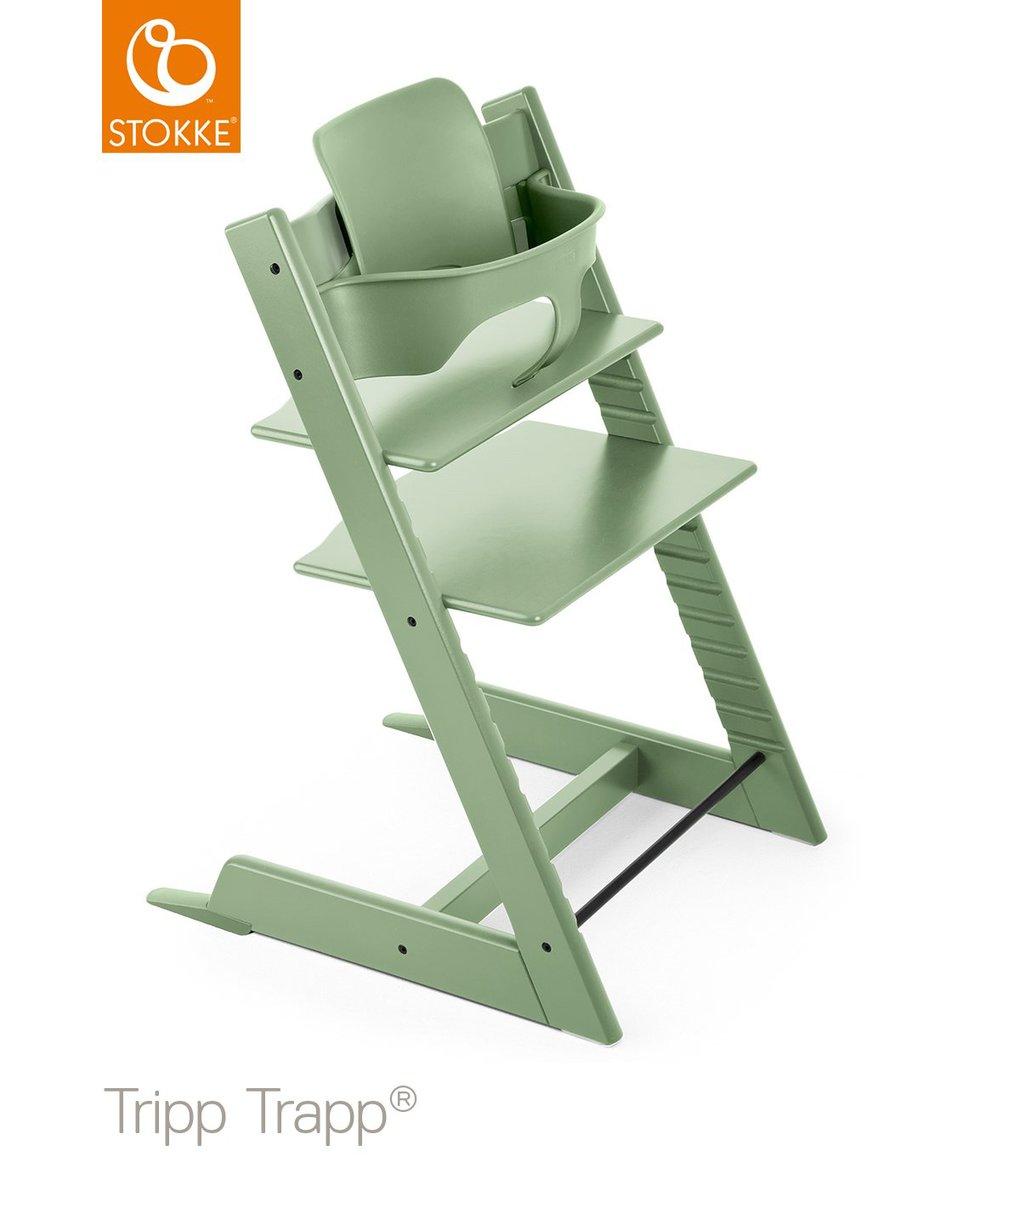 Conjunto bebê stokke® por tripp trapp® - verde musgo - Stokke